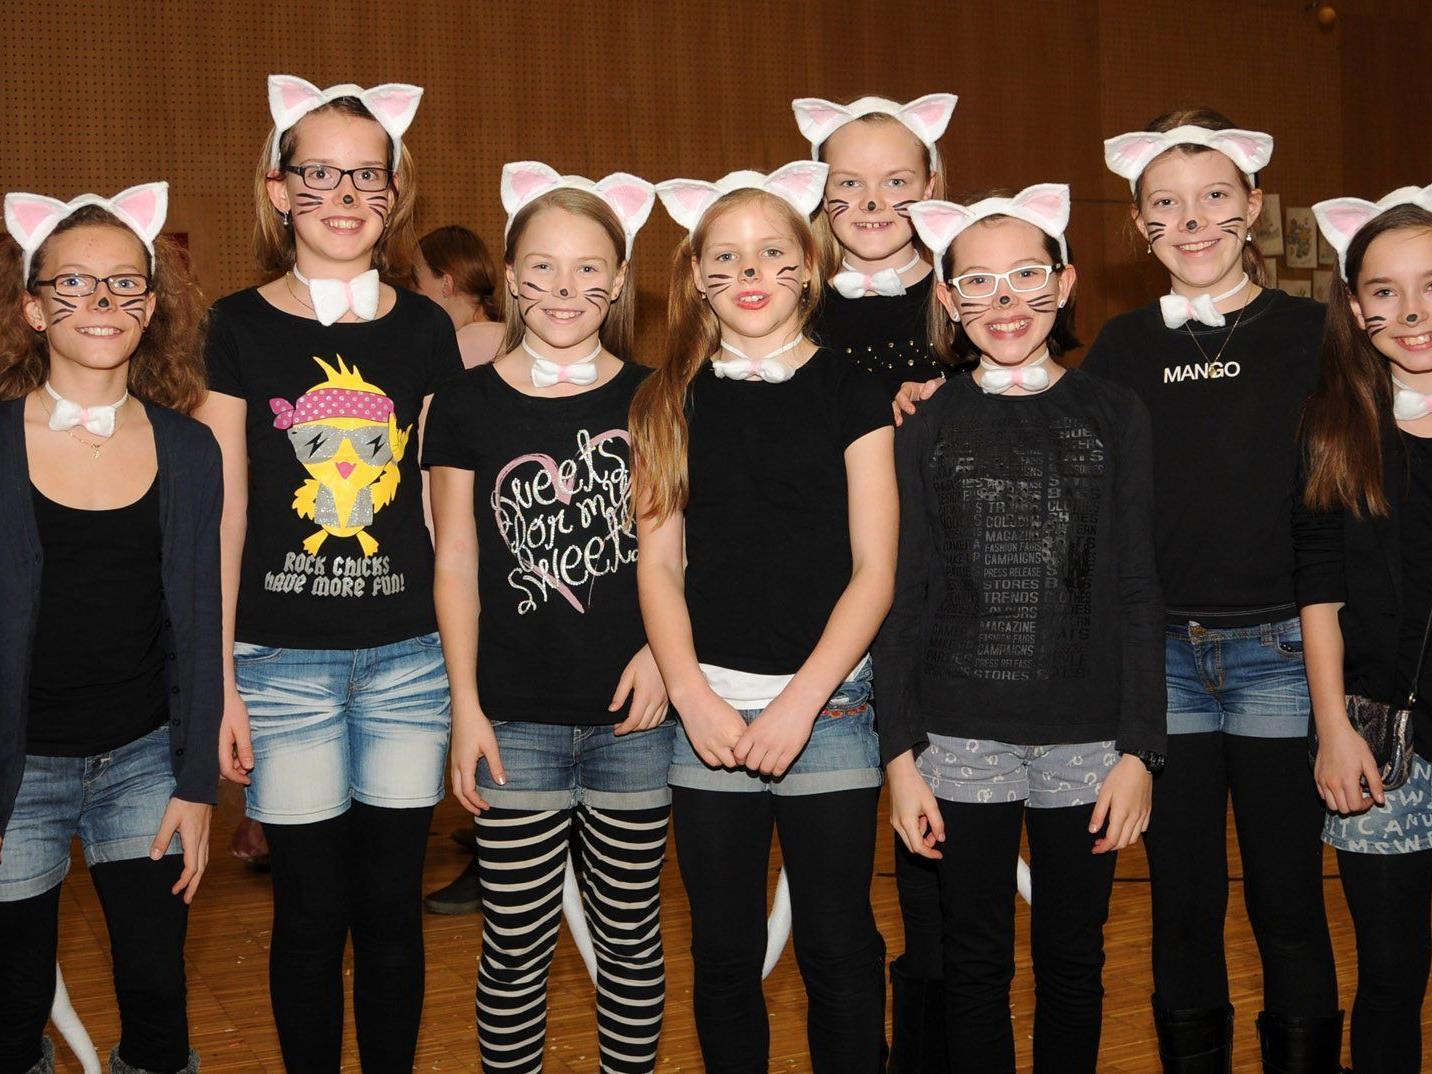 Ein ganzes Mäusenest beim Kinderfasching in der Rheinauhalle Höchst.